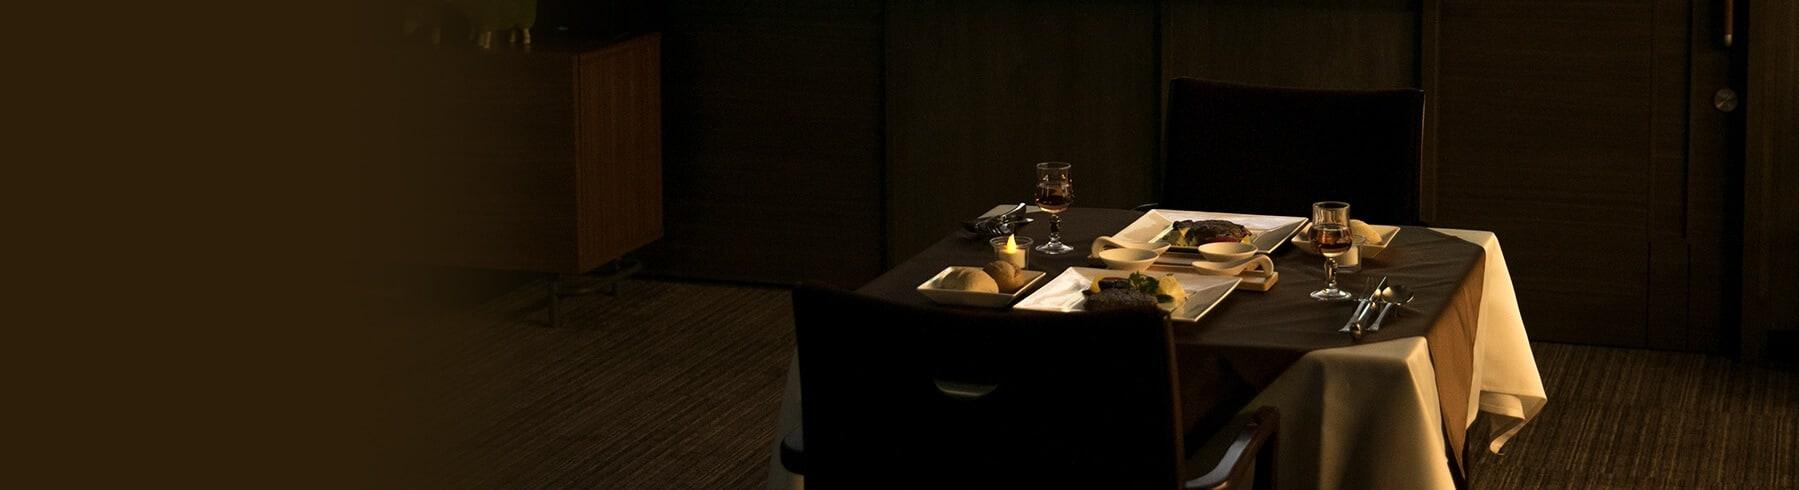 お祝い膳(マザーズテーブル)